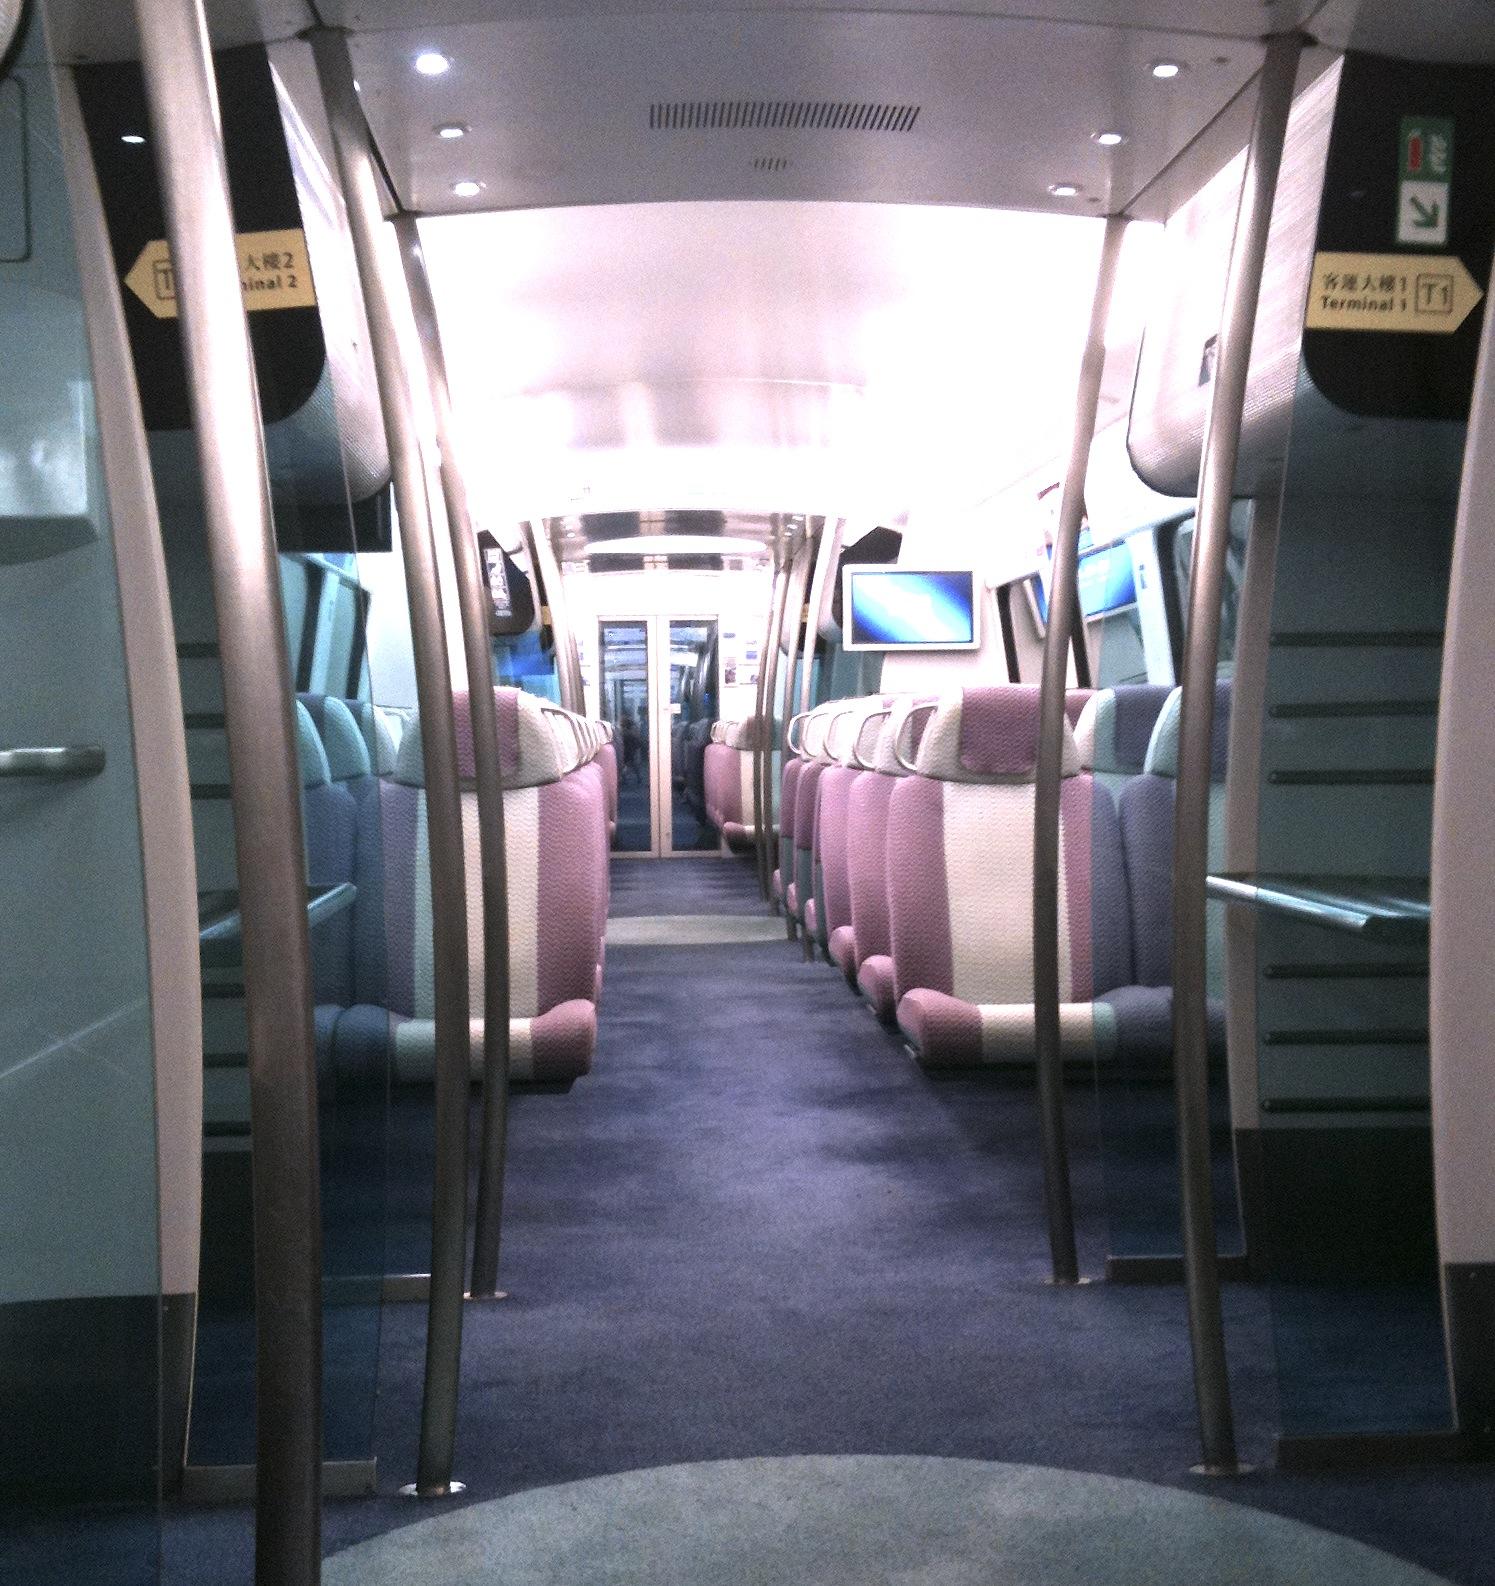 香港空港-移動方法-電車-エアポートエクスプレス-2